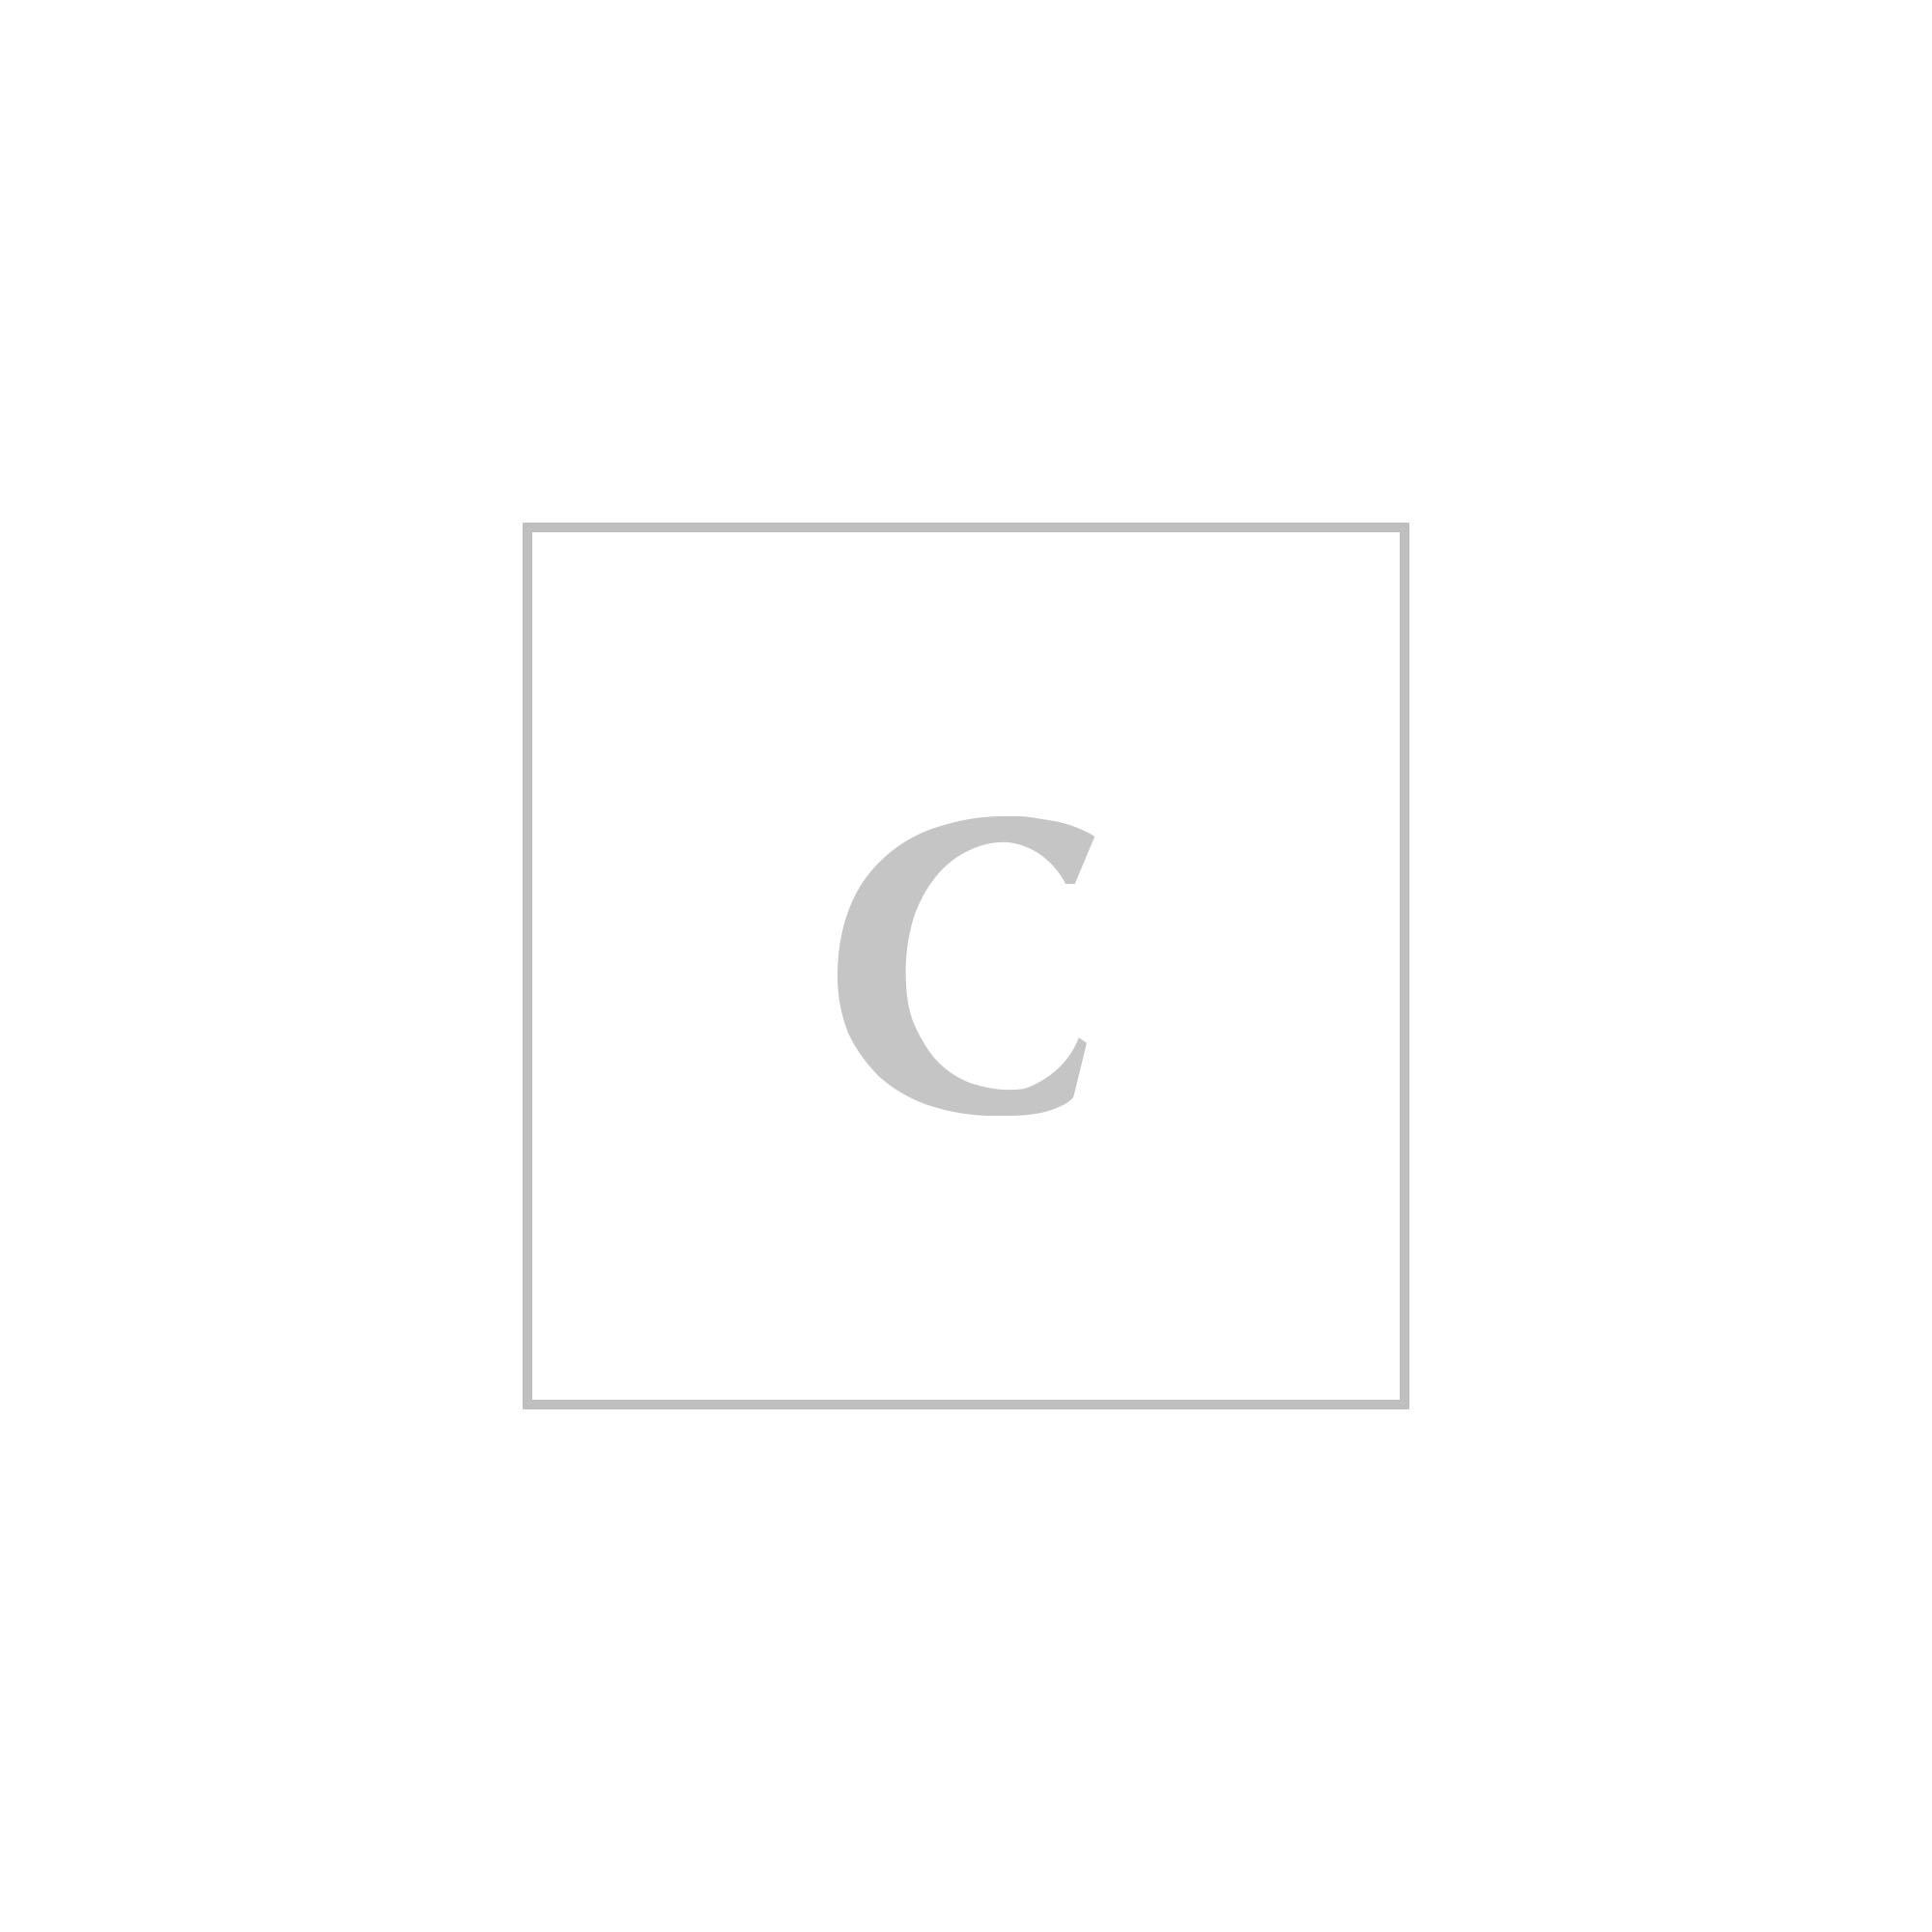 Saint laurent ysl monogram grain de poudre wallet